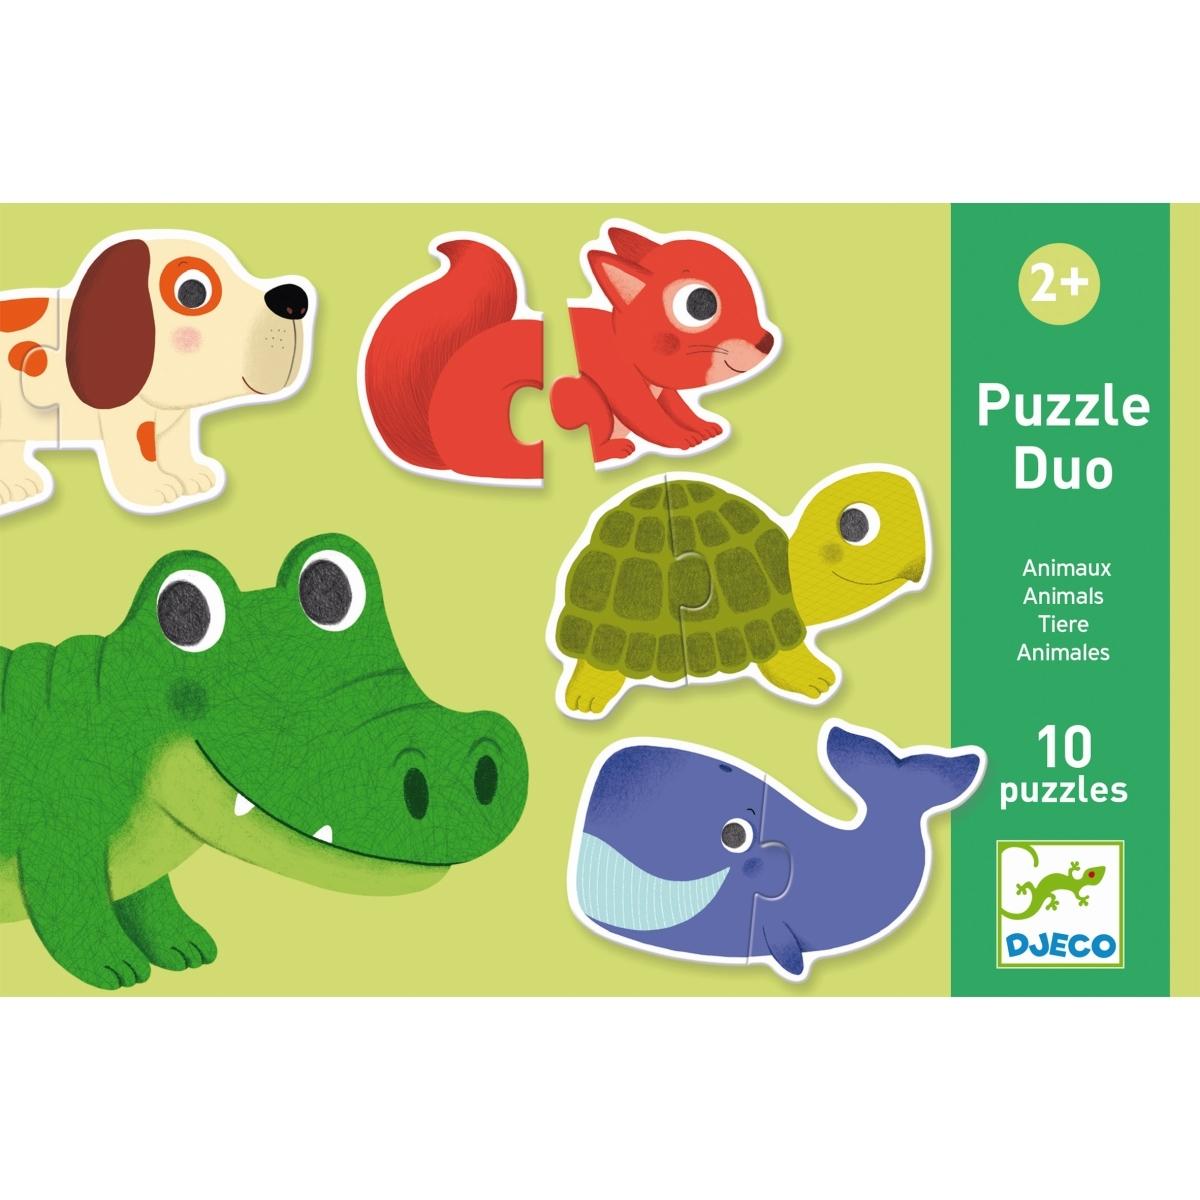 Djeco Puzzle duo-trio Verstecken und Finden ab 2 Jahren